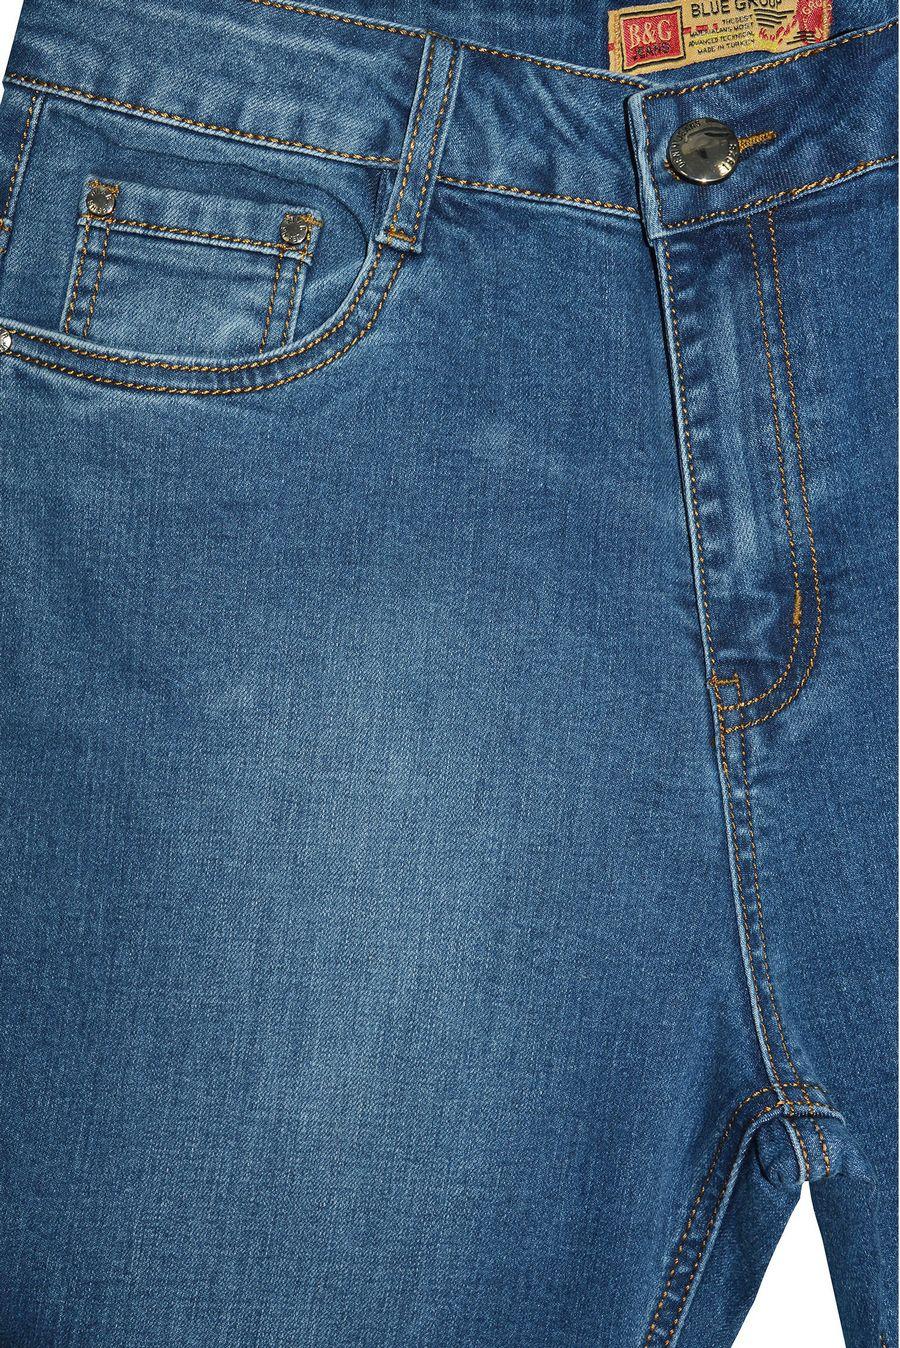 Джинсы женские Blue Group SF084 - фото 3